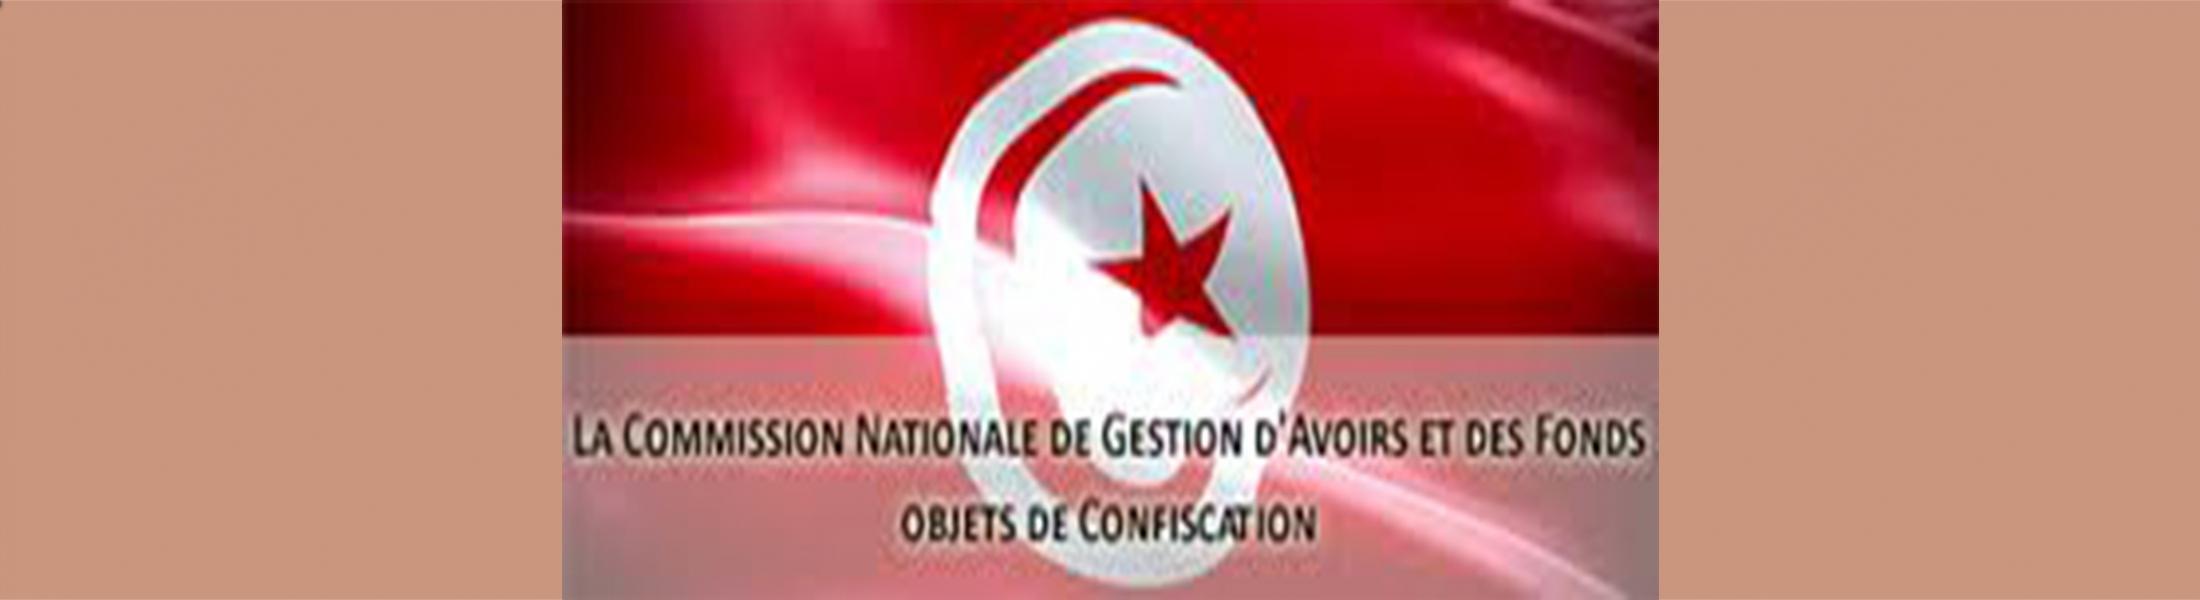 إعلان استشارة وطنية عدد 01/2020 لحساب اللّجنة الوطنية للتصرف في الأموال والممتلكات المعنية بالمصادرة